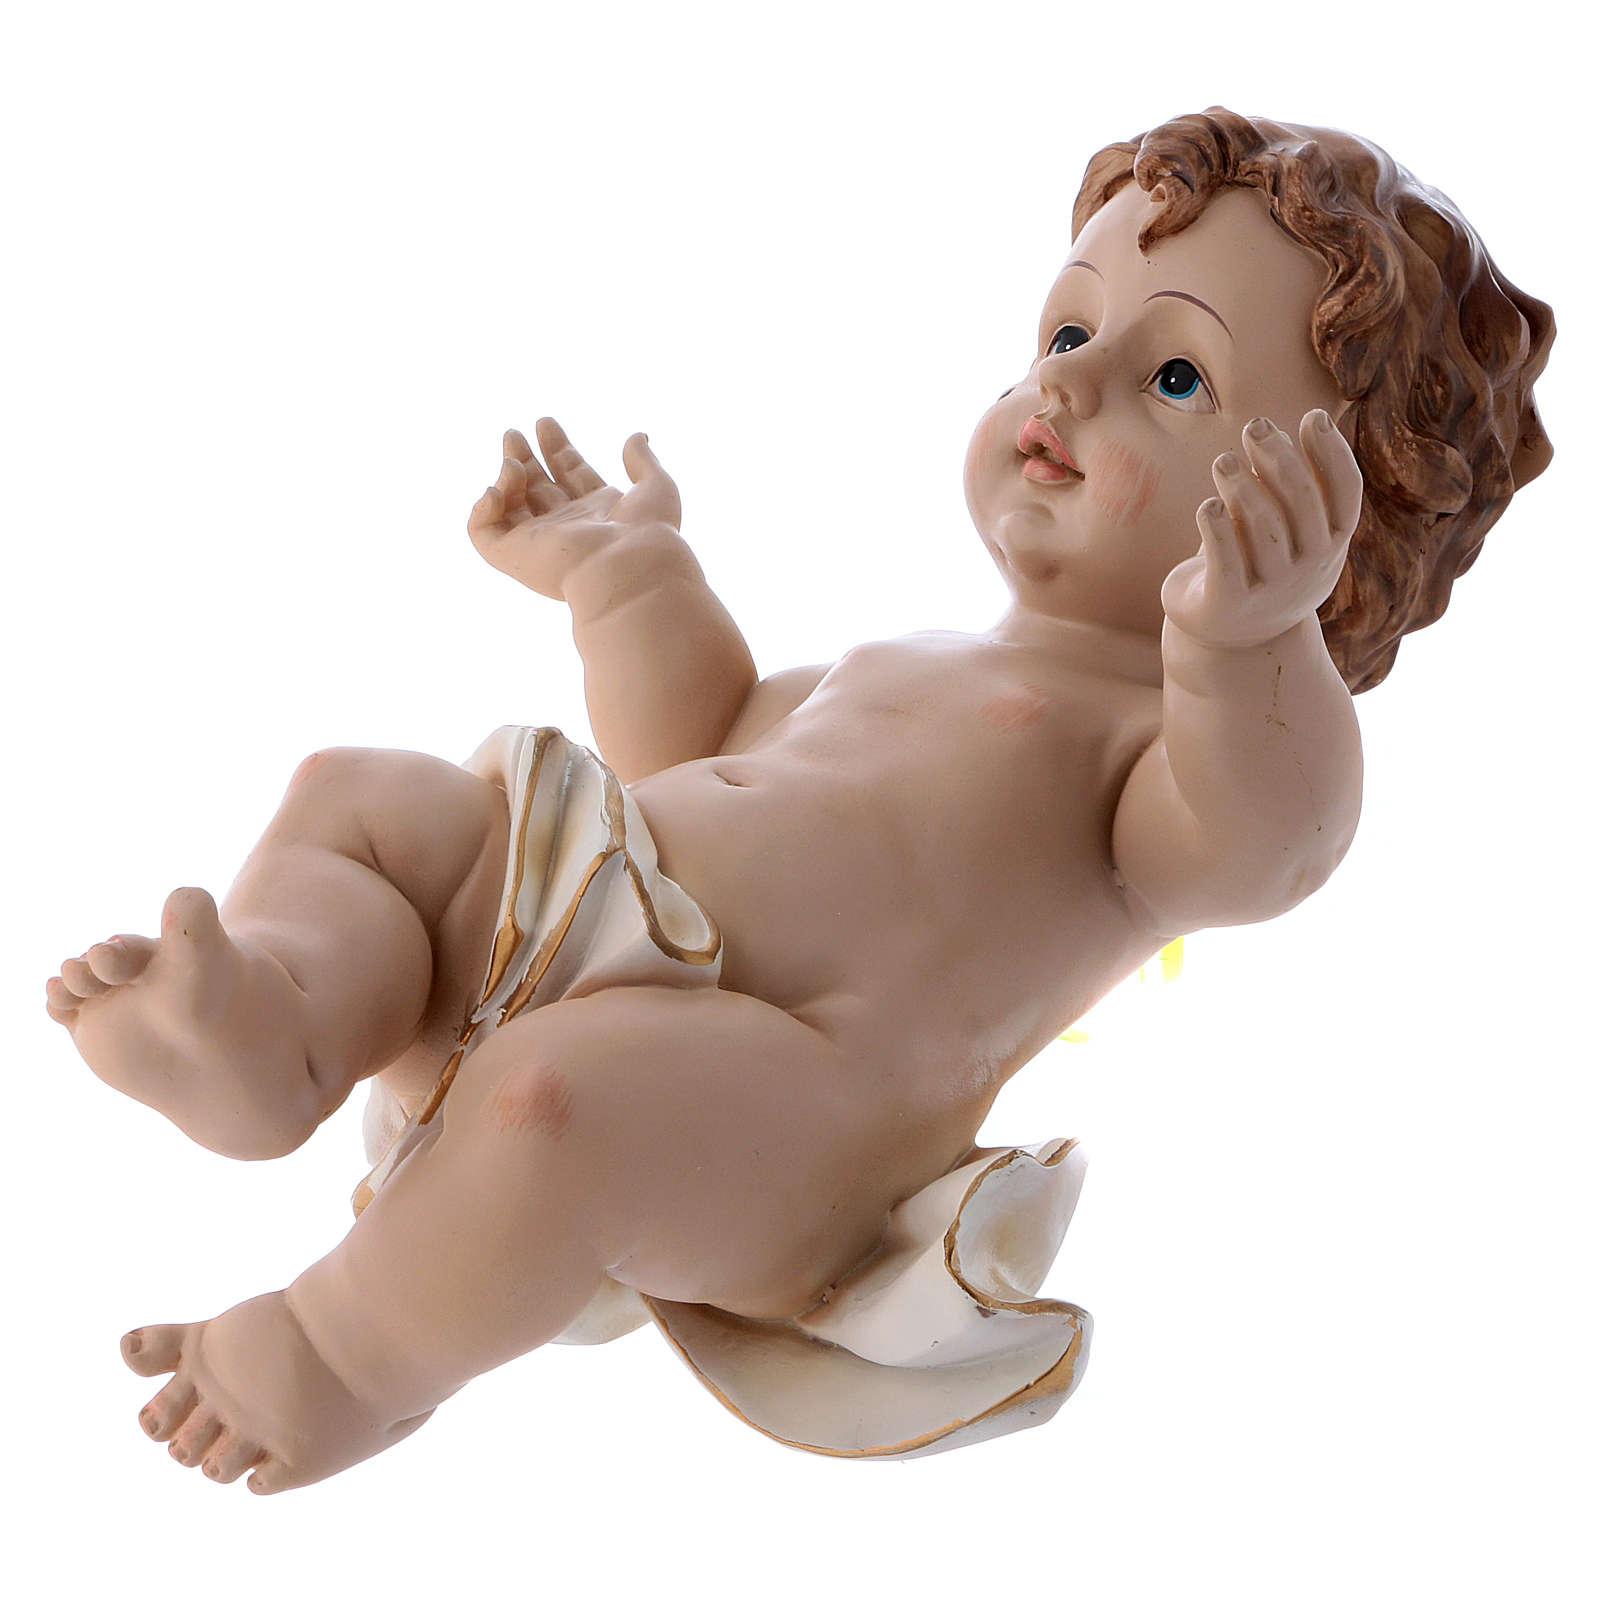 Statua Bambinello in resina 32 cm h. reale 3